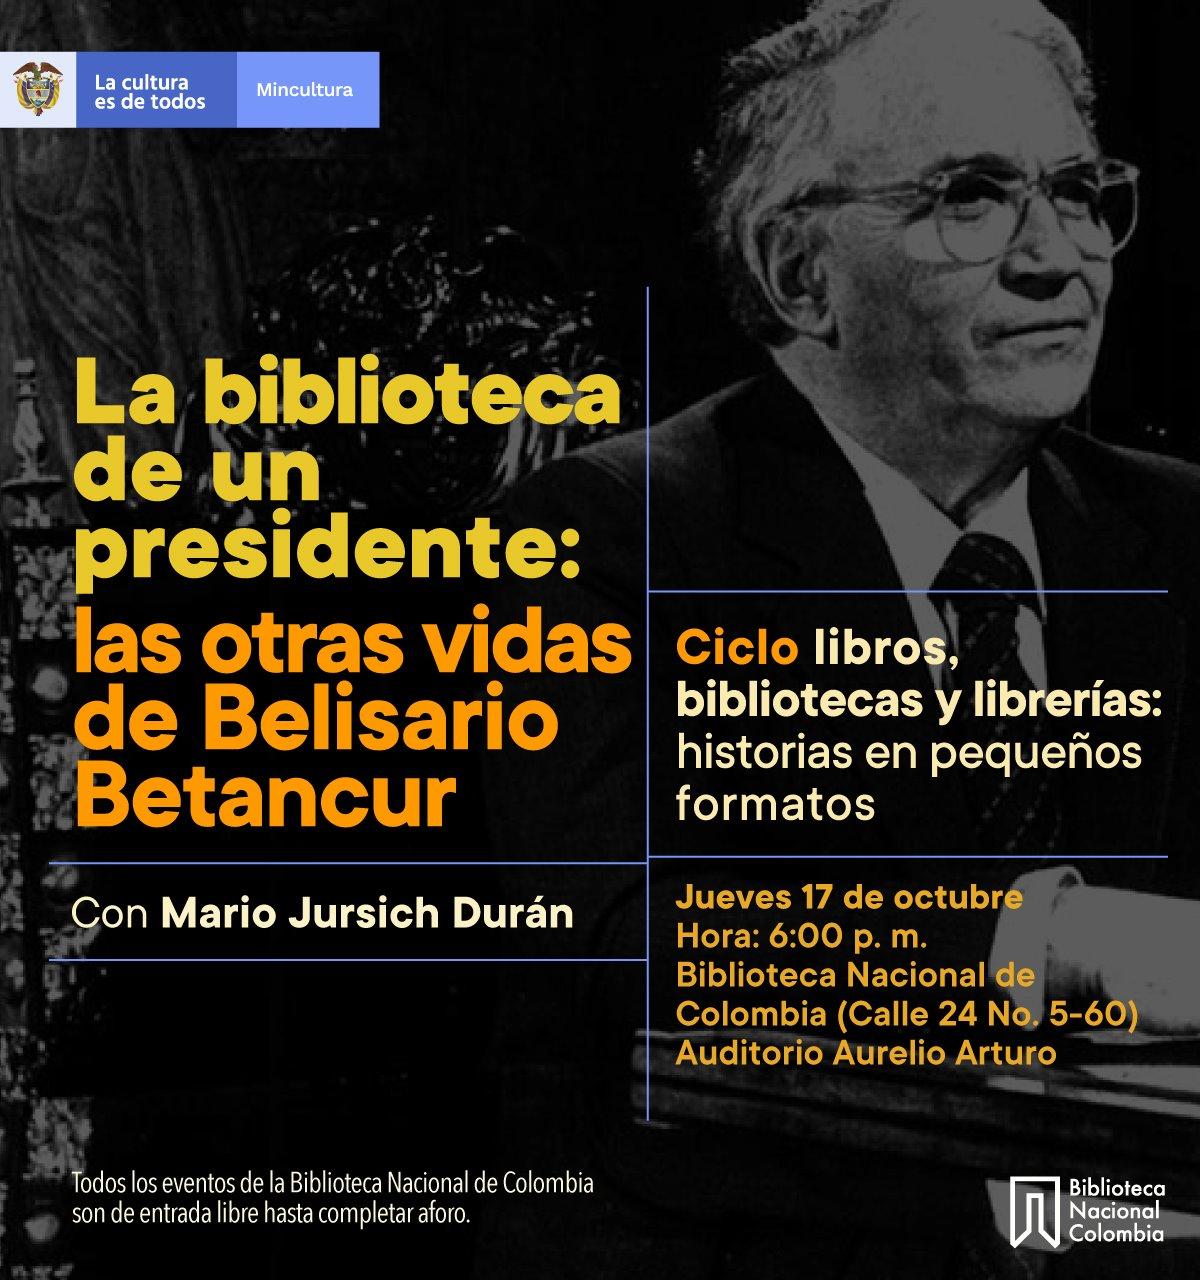 La biblioteca de un presidente: las otras vidas de Belisario Betancur